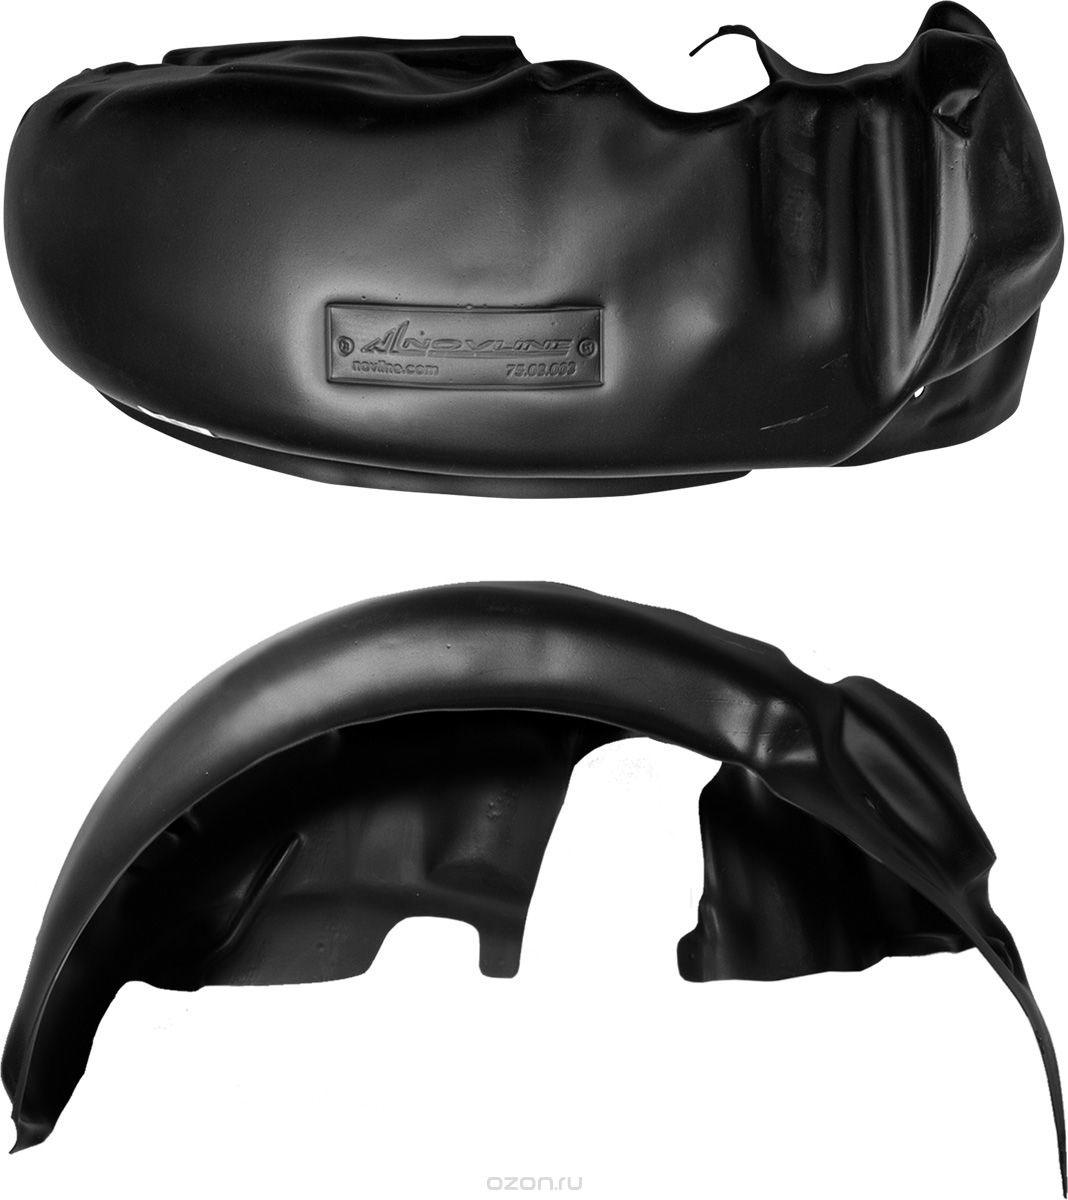 Подкрылок Novline-Autofamily, для CHEVROLET NIVA, 2014->, передний правый44707011Идеальная защита колесной ниши. Локеры разработаны с применением цифровых технологий, гарантируют максимальную повторяемость поверхности арки. Изделия устанавливаются без нарушения лакокрасочного покрытия автомобиля, каждый подкрылок комплектуется крепежом. Уважаемые клиенты, обращаем ваше внимание, что фотографии на подкрылки универсальные и не отражают реальную форму изделия. При этом само изделие идет точно под размер указанного автомобиля.